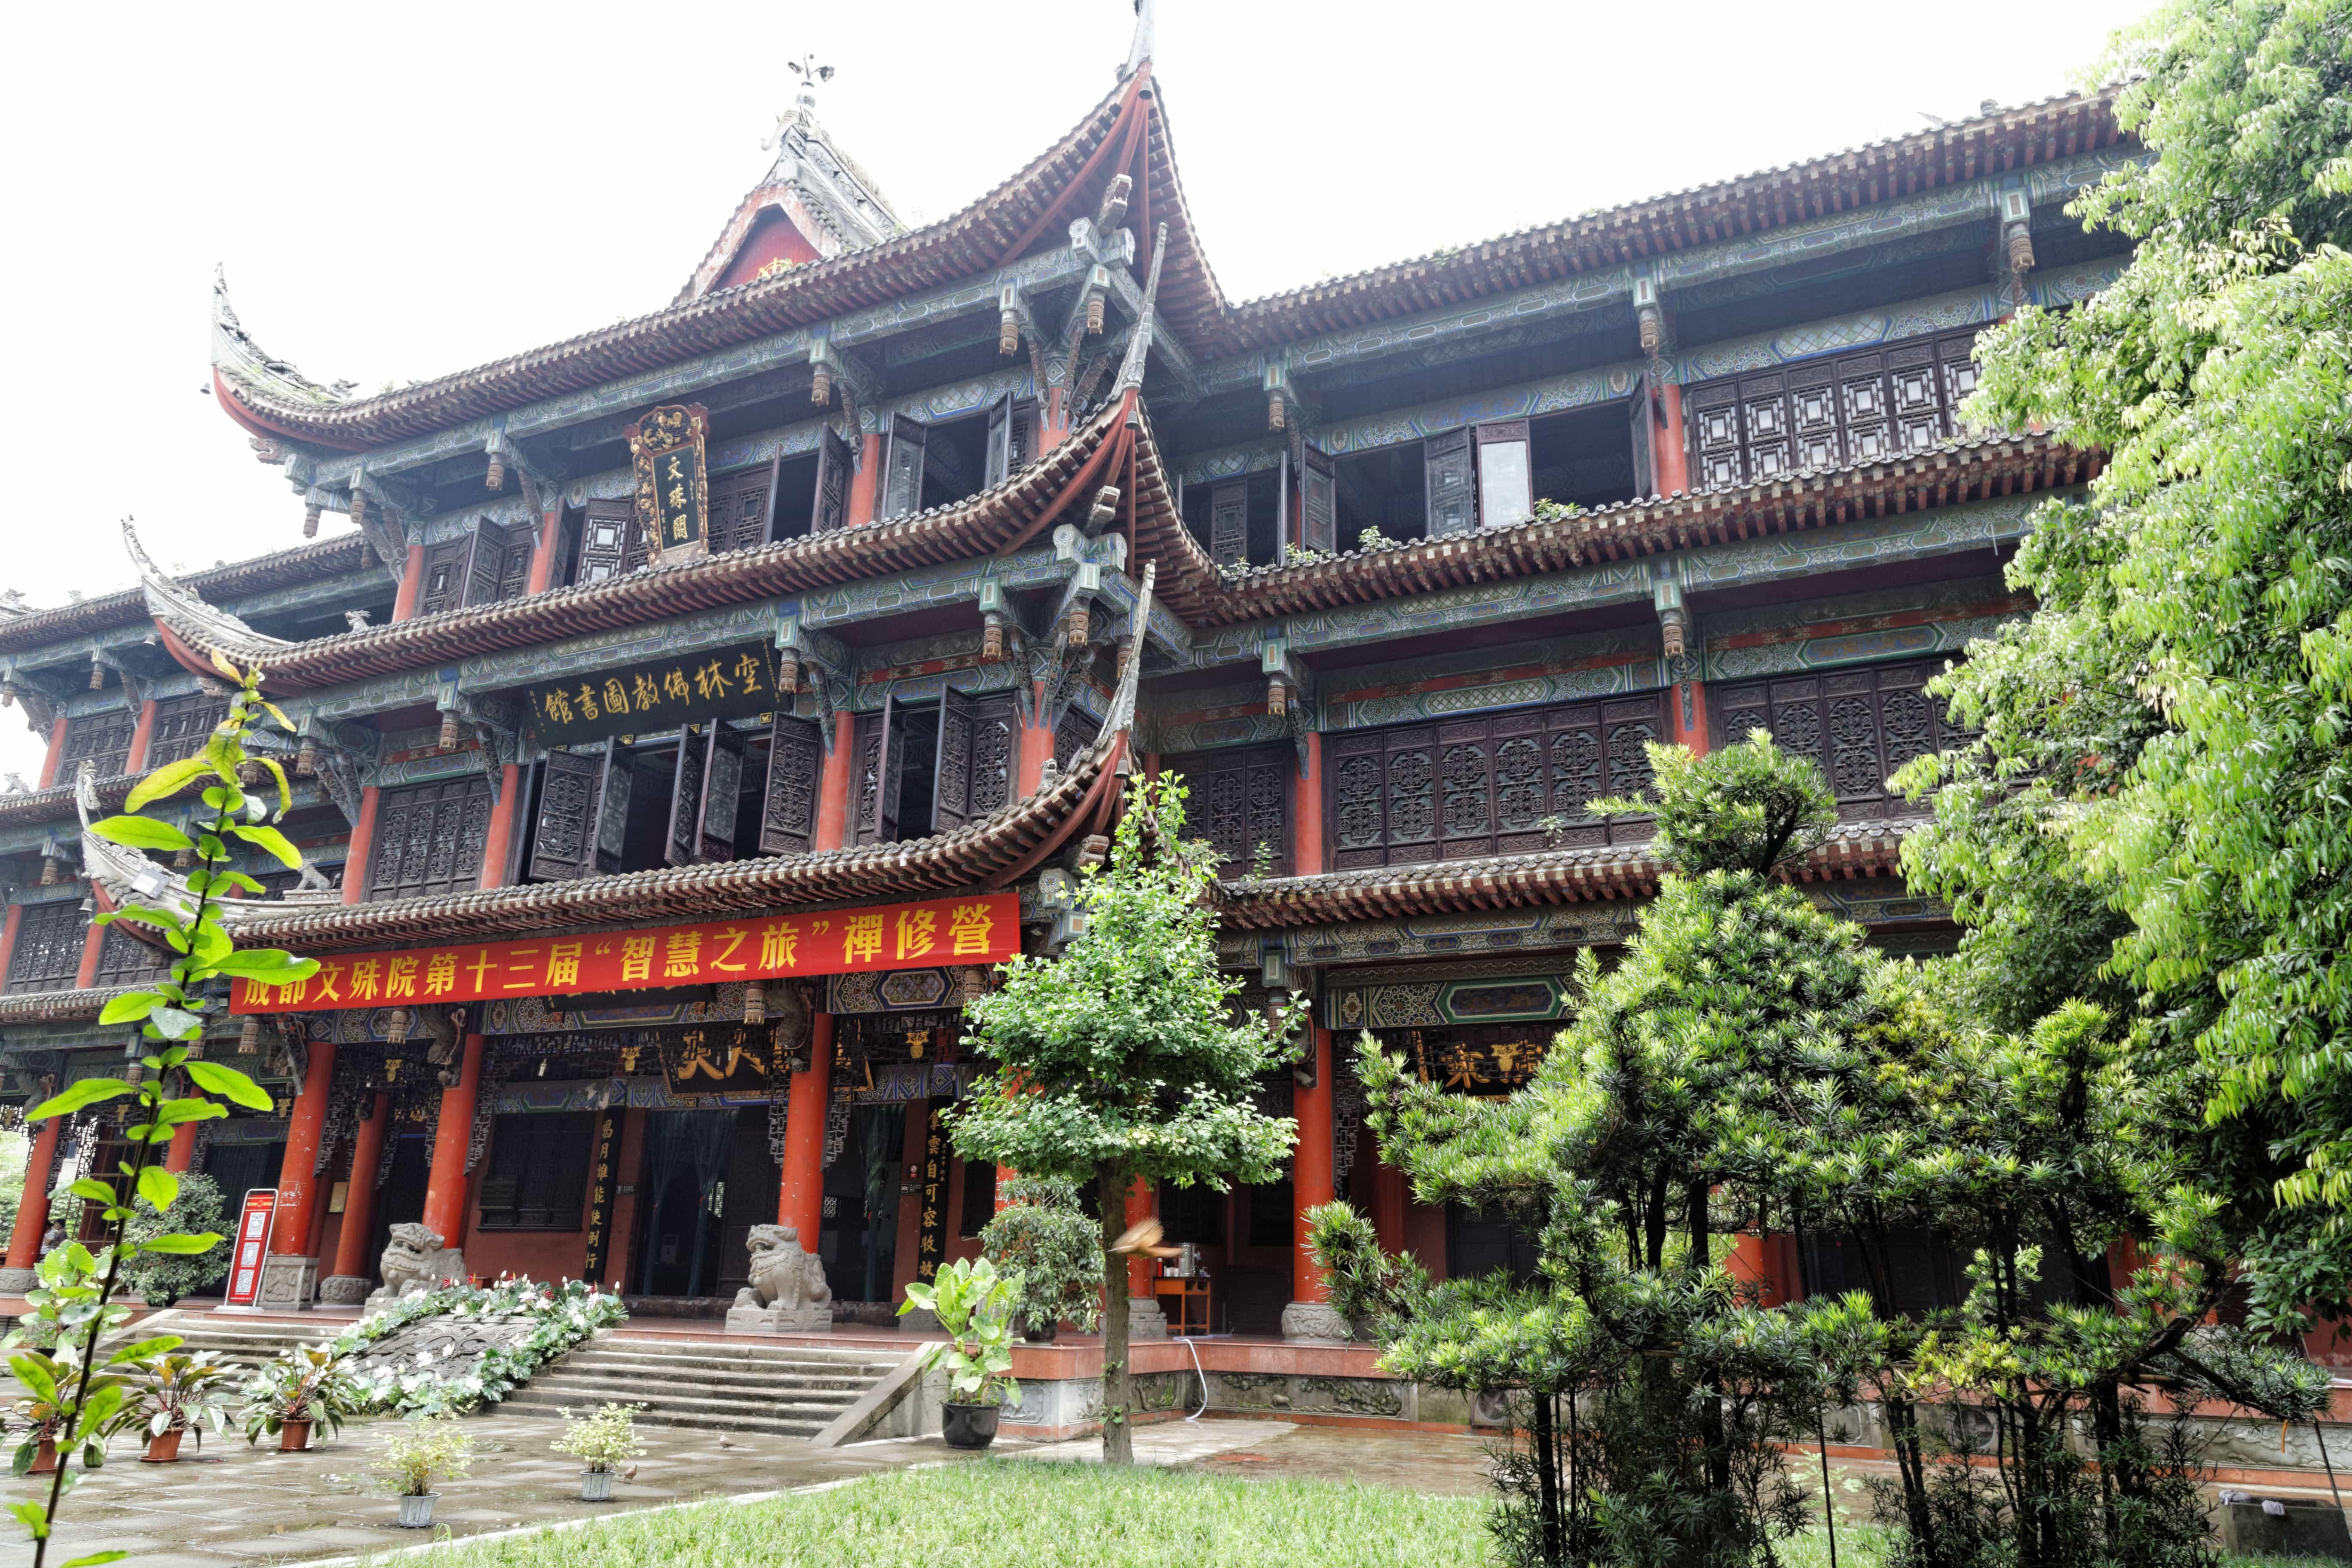 Temple in Wenshu Monastery in Chengdu